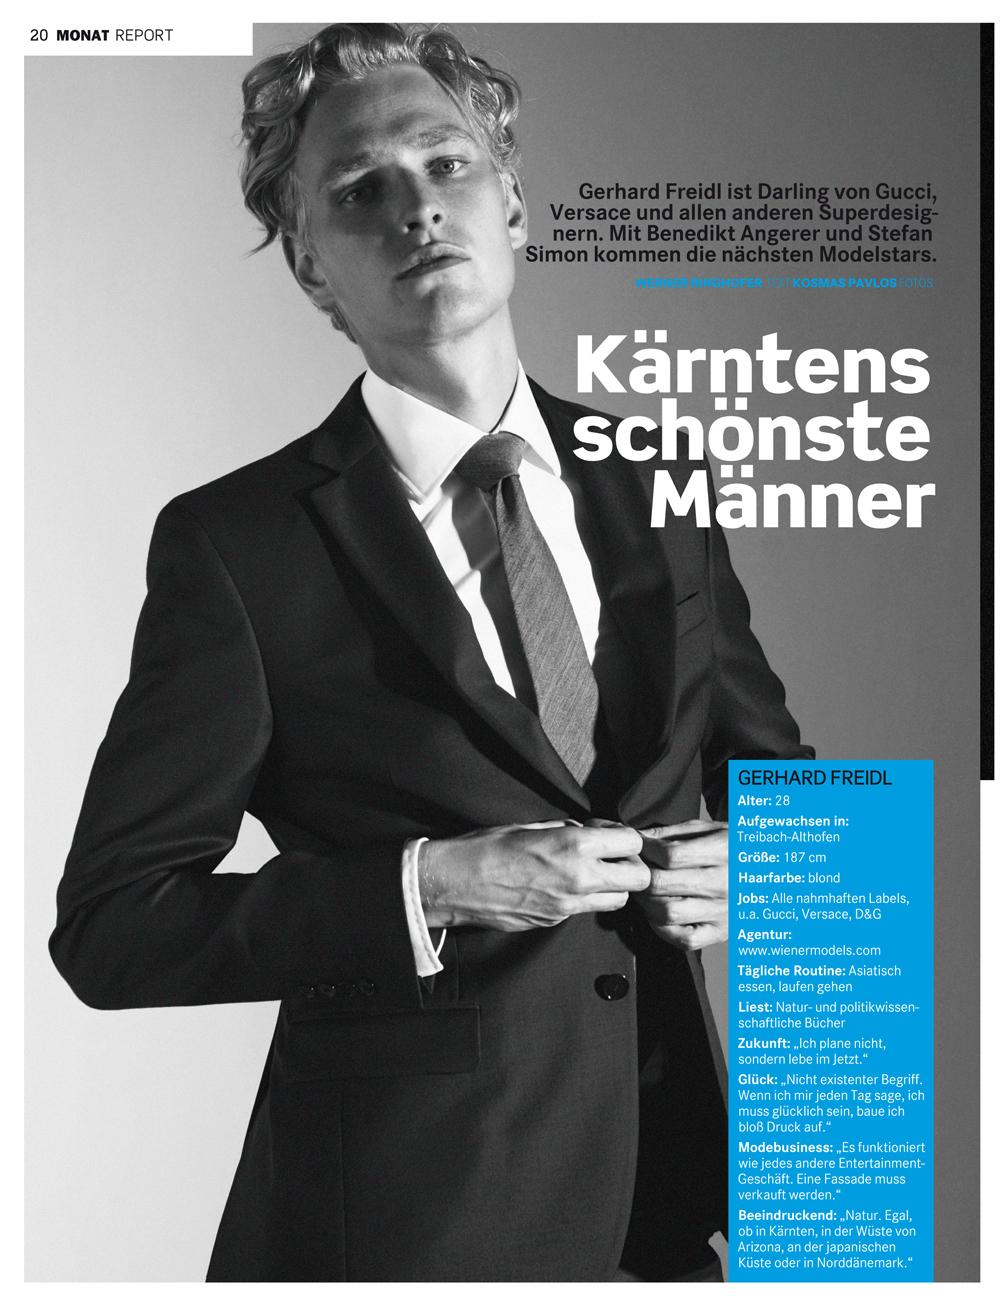 Gerhard Freidl0337(Wiener Models)